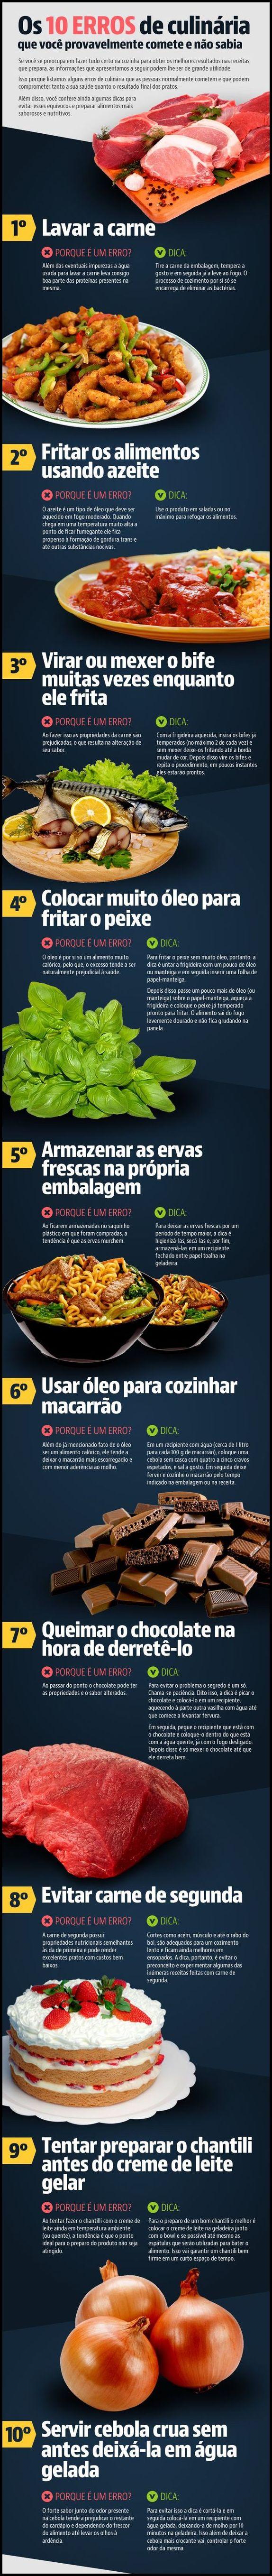 dicas de cozinha.b - DICAS VALIOSAS NA COZINHA